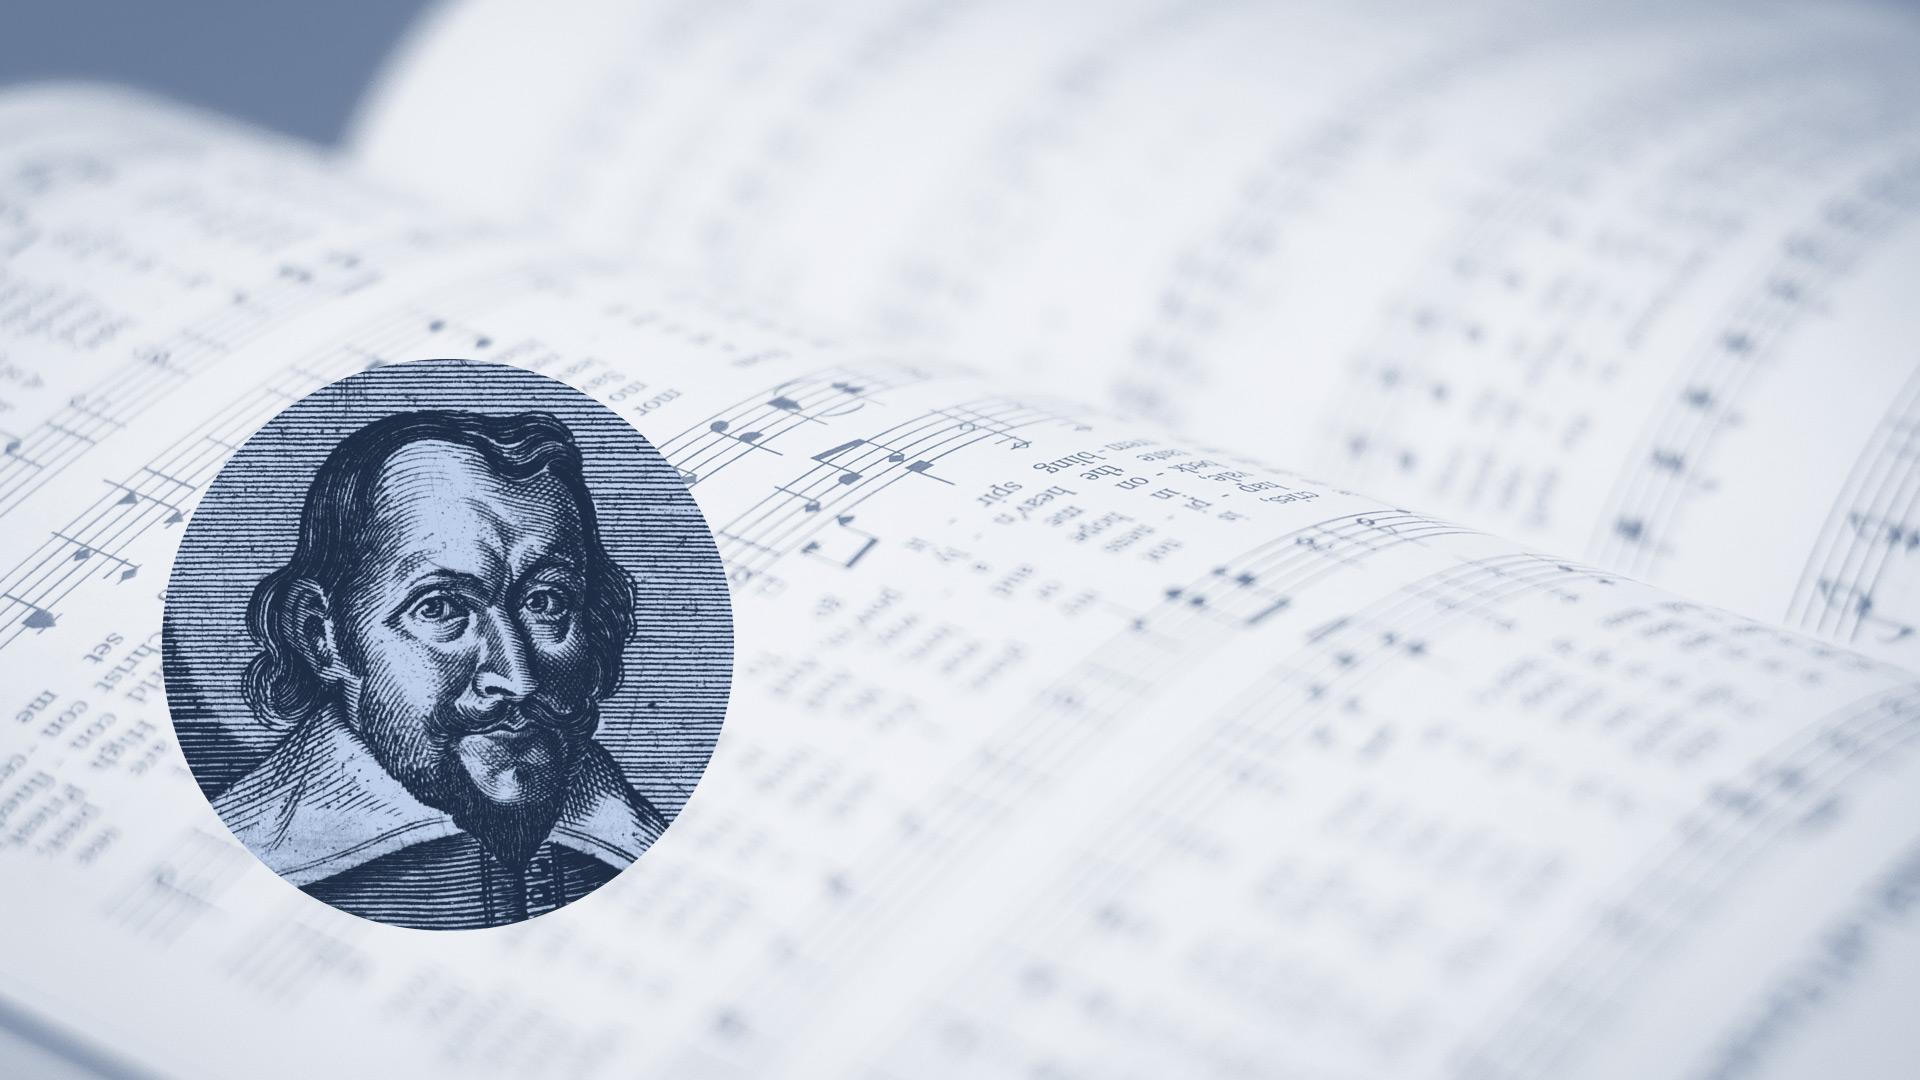 Composer of the Month: Johann Crüger